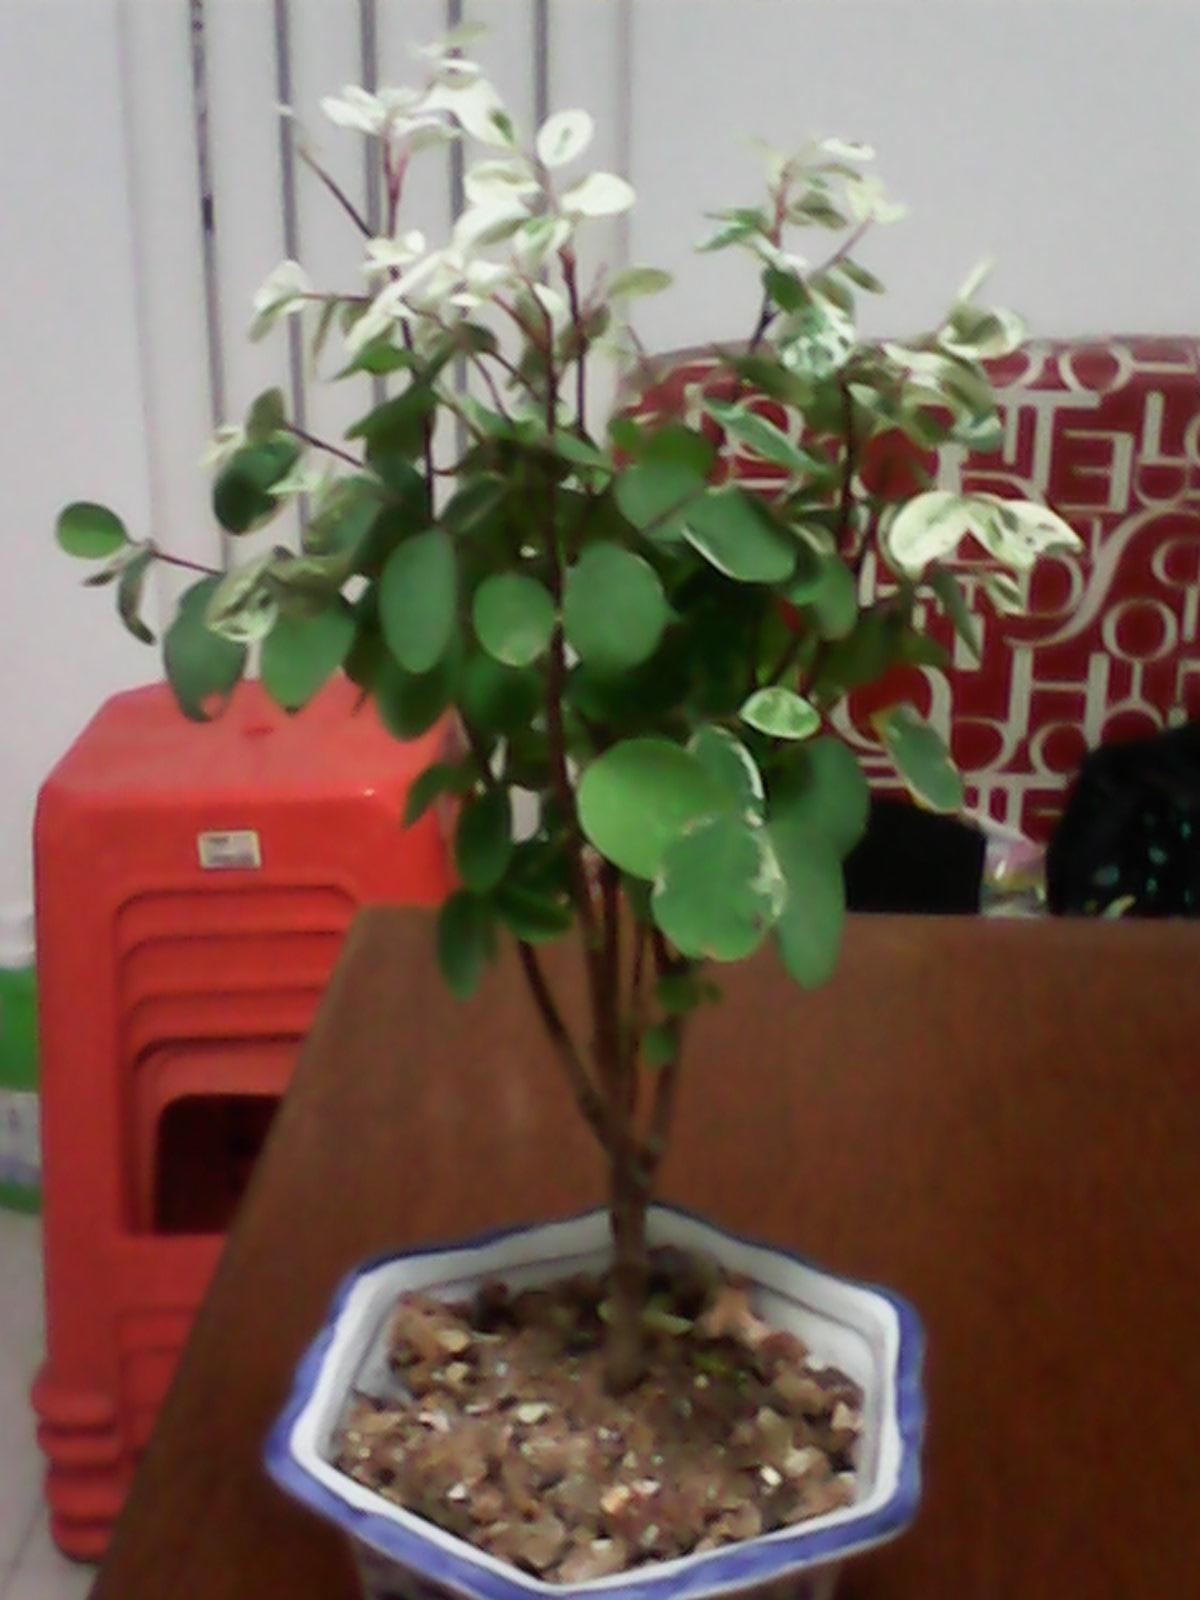 黑面神�_问一下,这个是什么花,新长出来的叶子是白色的,如图